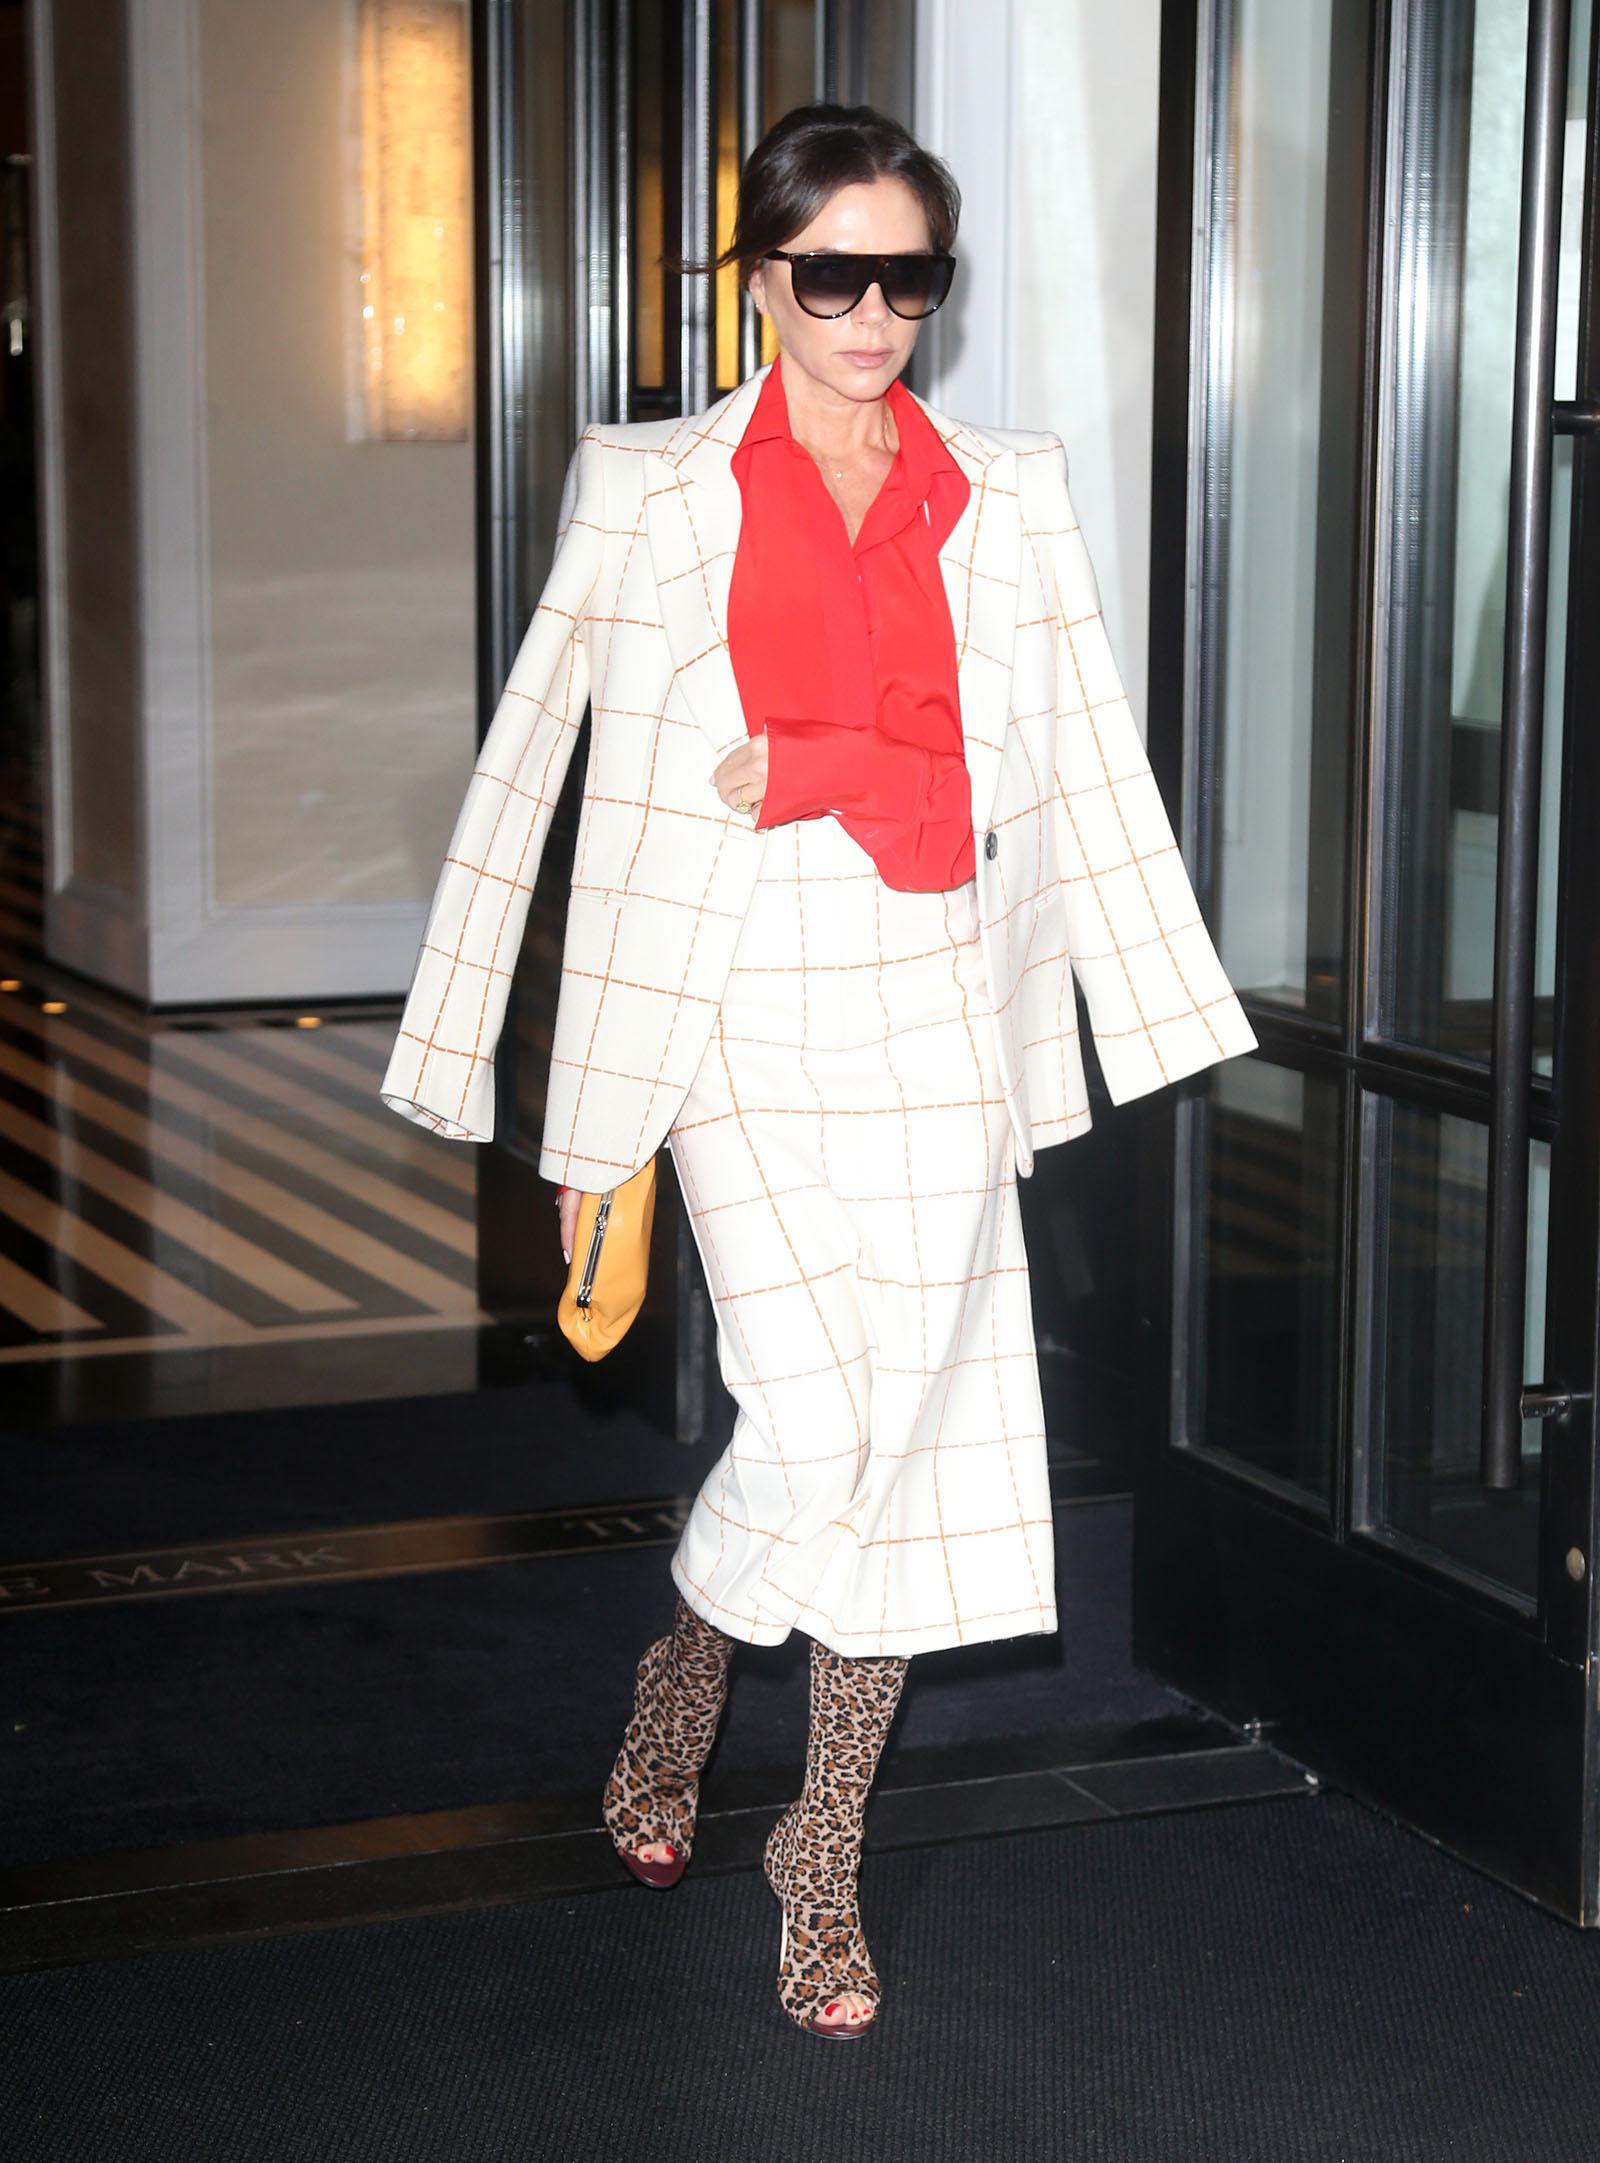 Victoria Beckham phối đồ công sở áo đỏ blazer skirt trắng